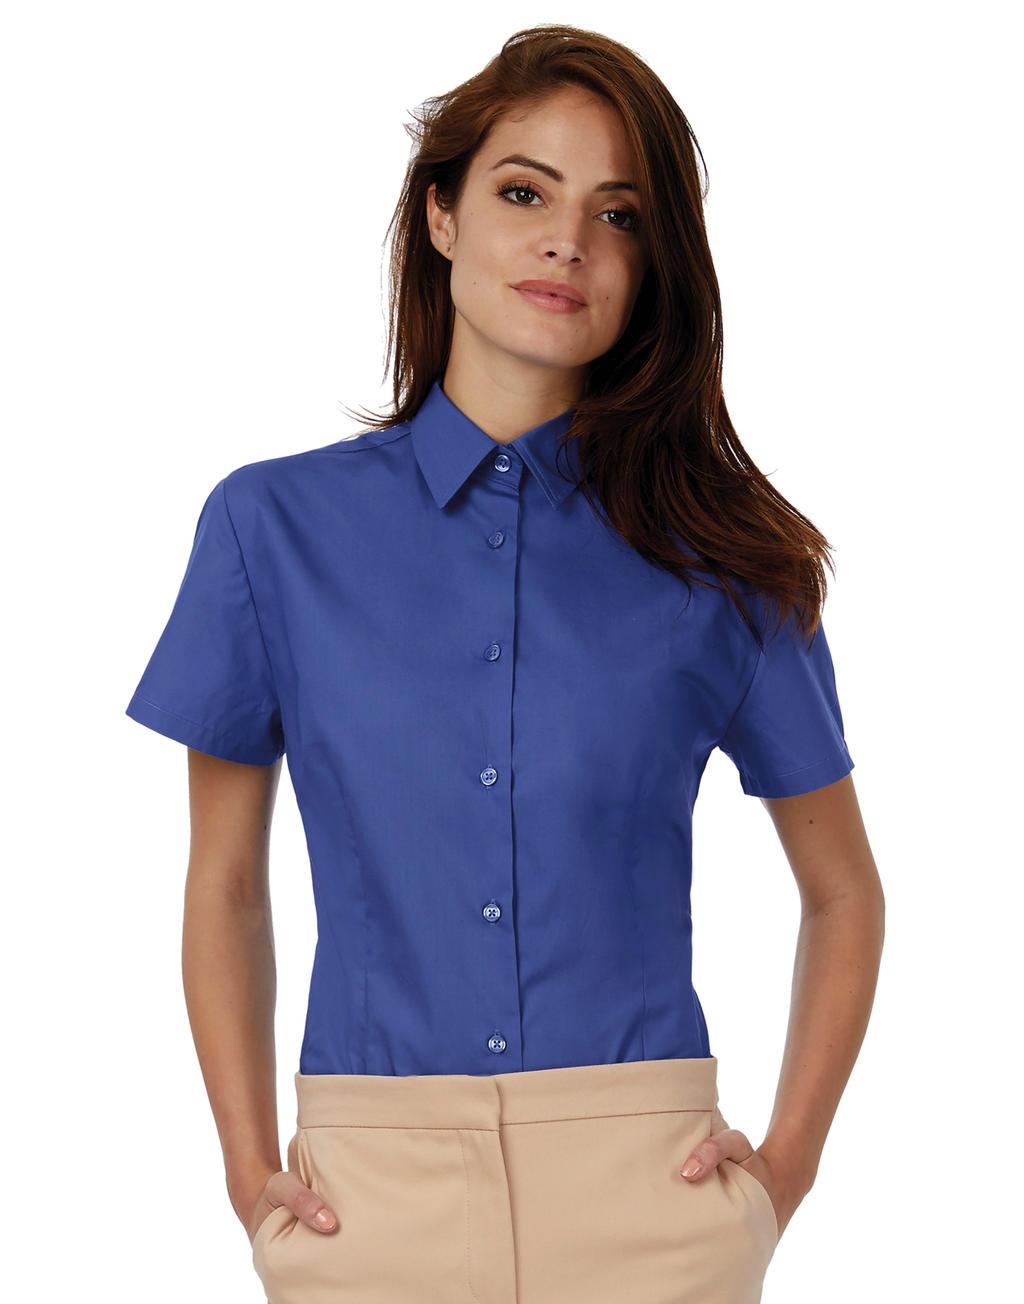 Bluzka popelinowa Heritage z krótkimi rękawami